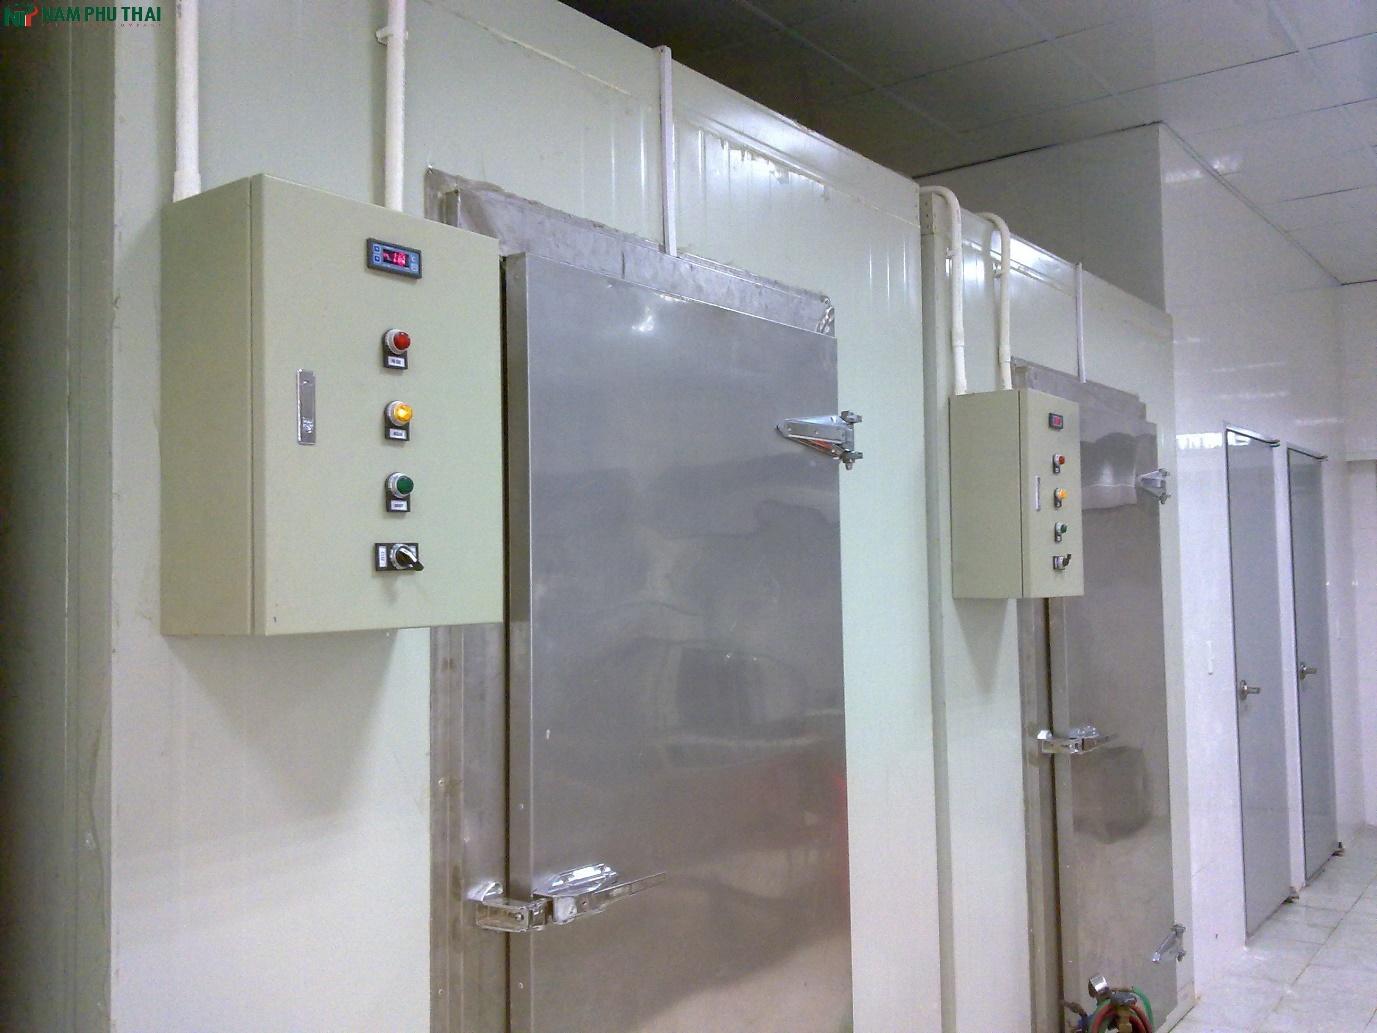 Bản lề cửa kho lạnh được sử dụng phổ biến nhất hiện nay